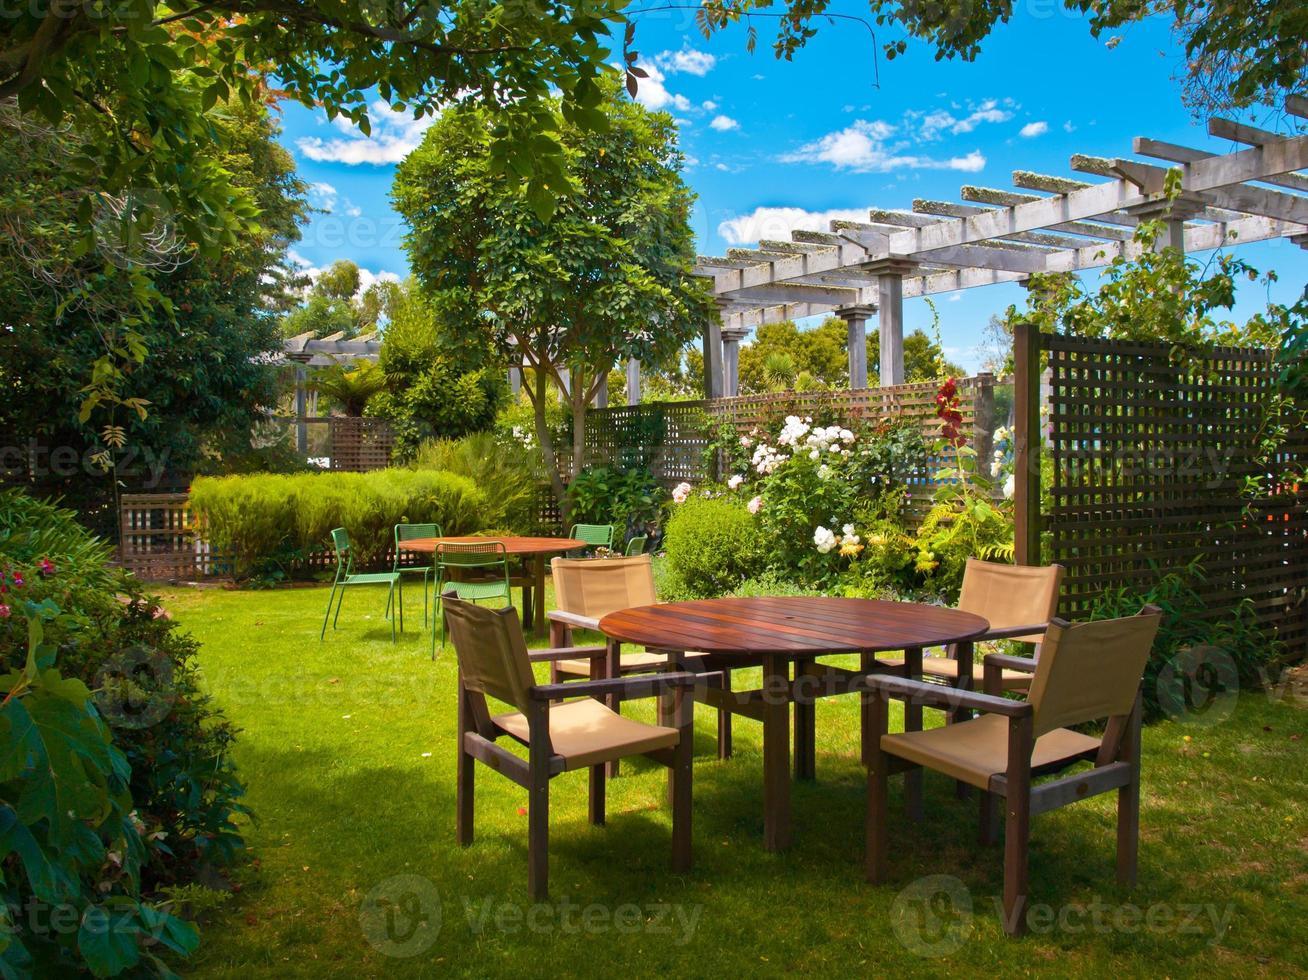 table à manger dans un jardin luxuriant photo